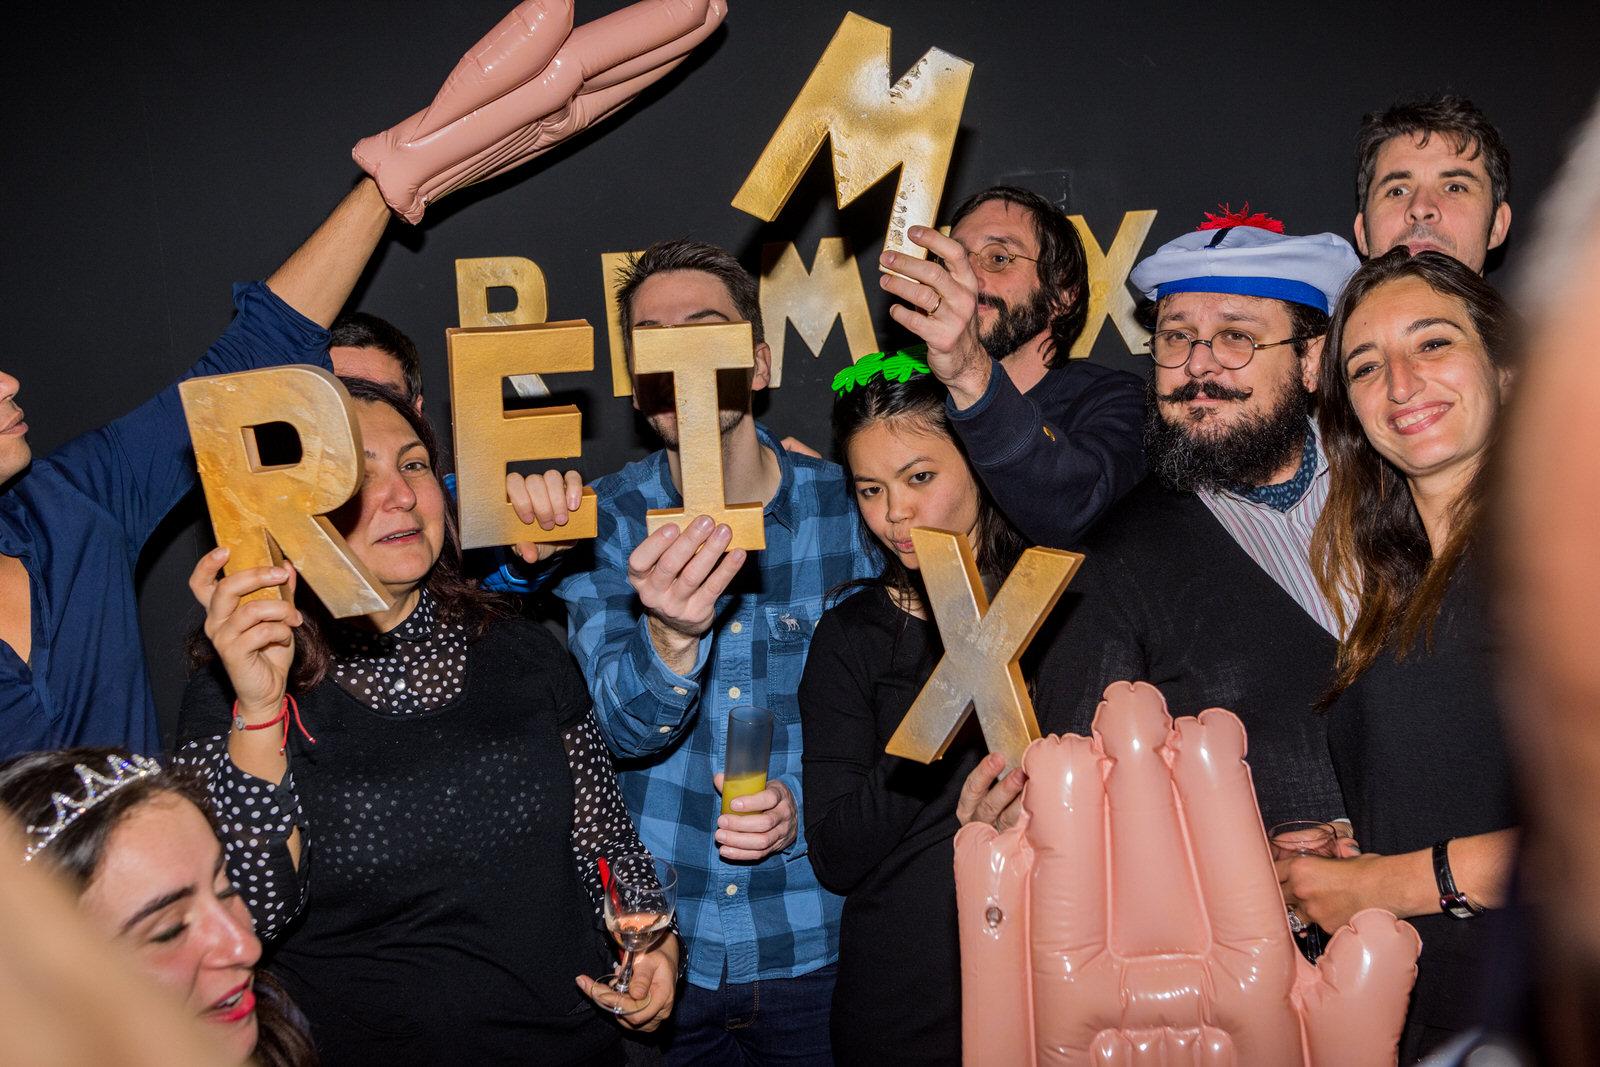 Espace de coworking paris REMIX party winter - 101.jpg